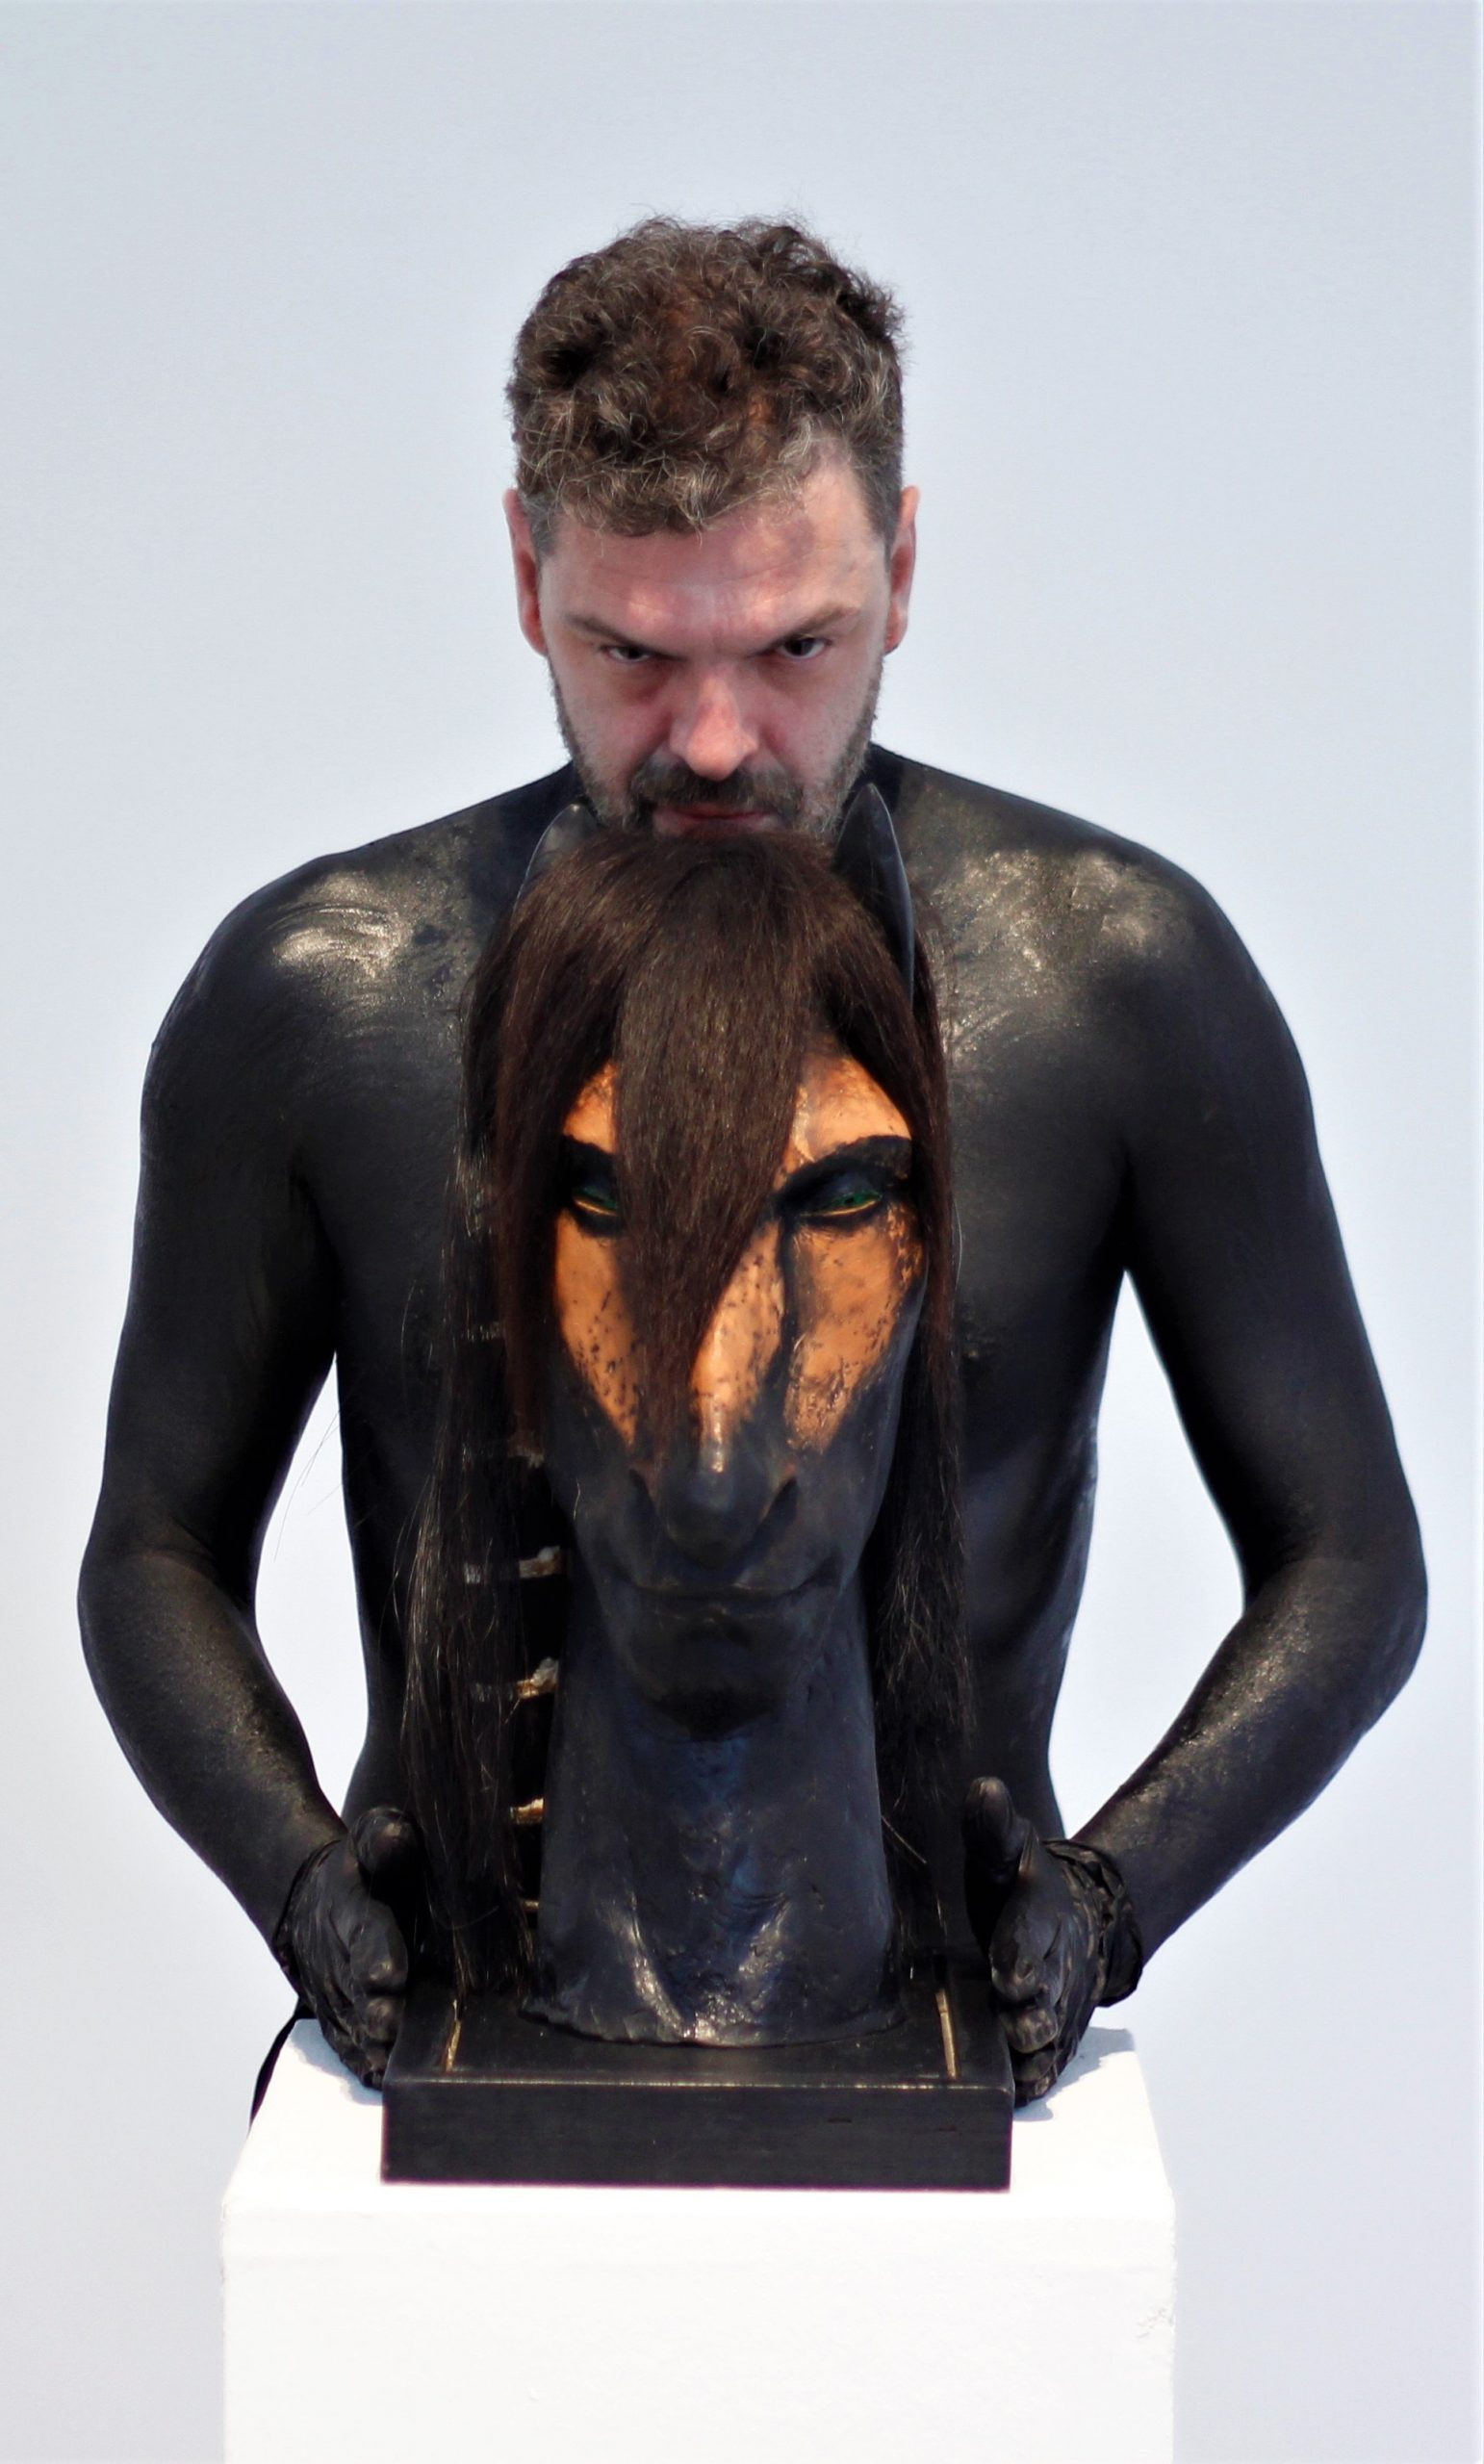 gergye-krisztian-synesthesia-szinesztezia-kortars-magyar-tanc-tancmuveszet-muveszet-festeszet-online-performance-performansz-tarsulat-rendezo-koreografus-harangozo-dij